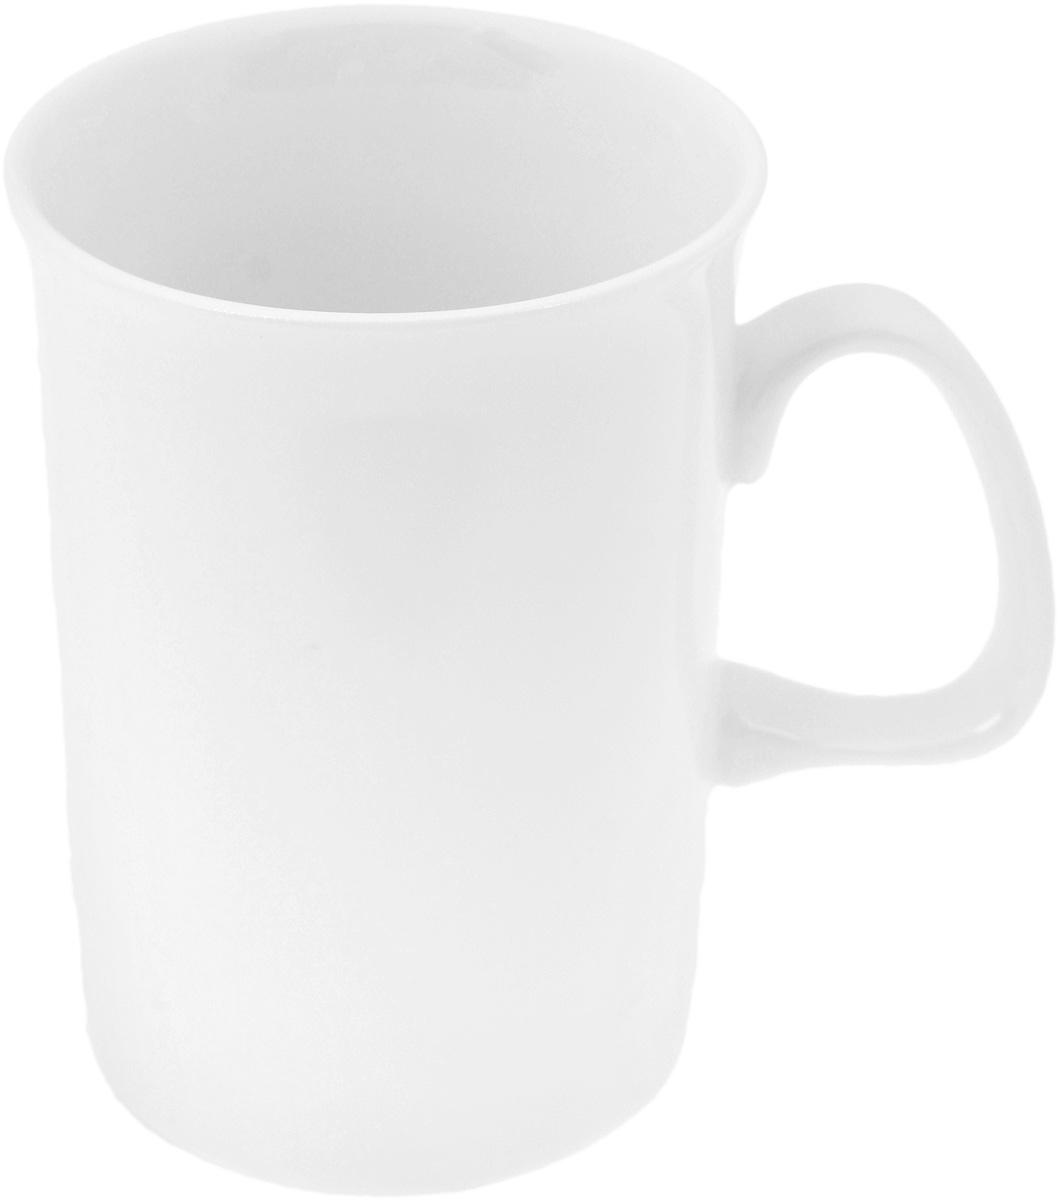 Кружка Wilmax, 310 млWL-993010 / AКружка Wilmax изготовлена из высококачественного фарфора и сочетает в себе оригинальный дизайн и функциональность. Такая кружка идеально впишется в интерьер современной кухни, а также станет хорошим и практичным подарком на любой праздник. Диаметр кружки(по верхнему краю): 7,7 см.